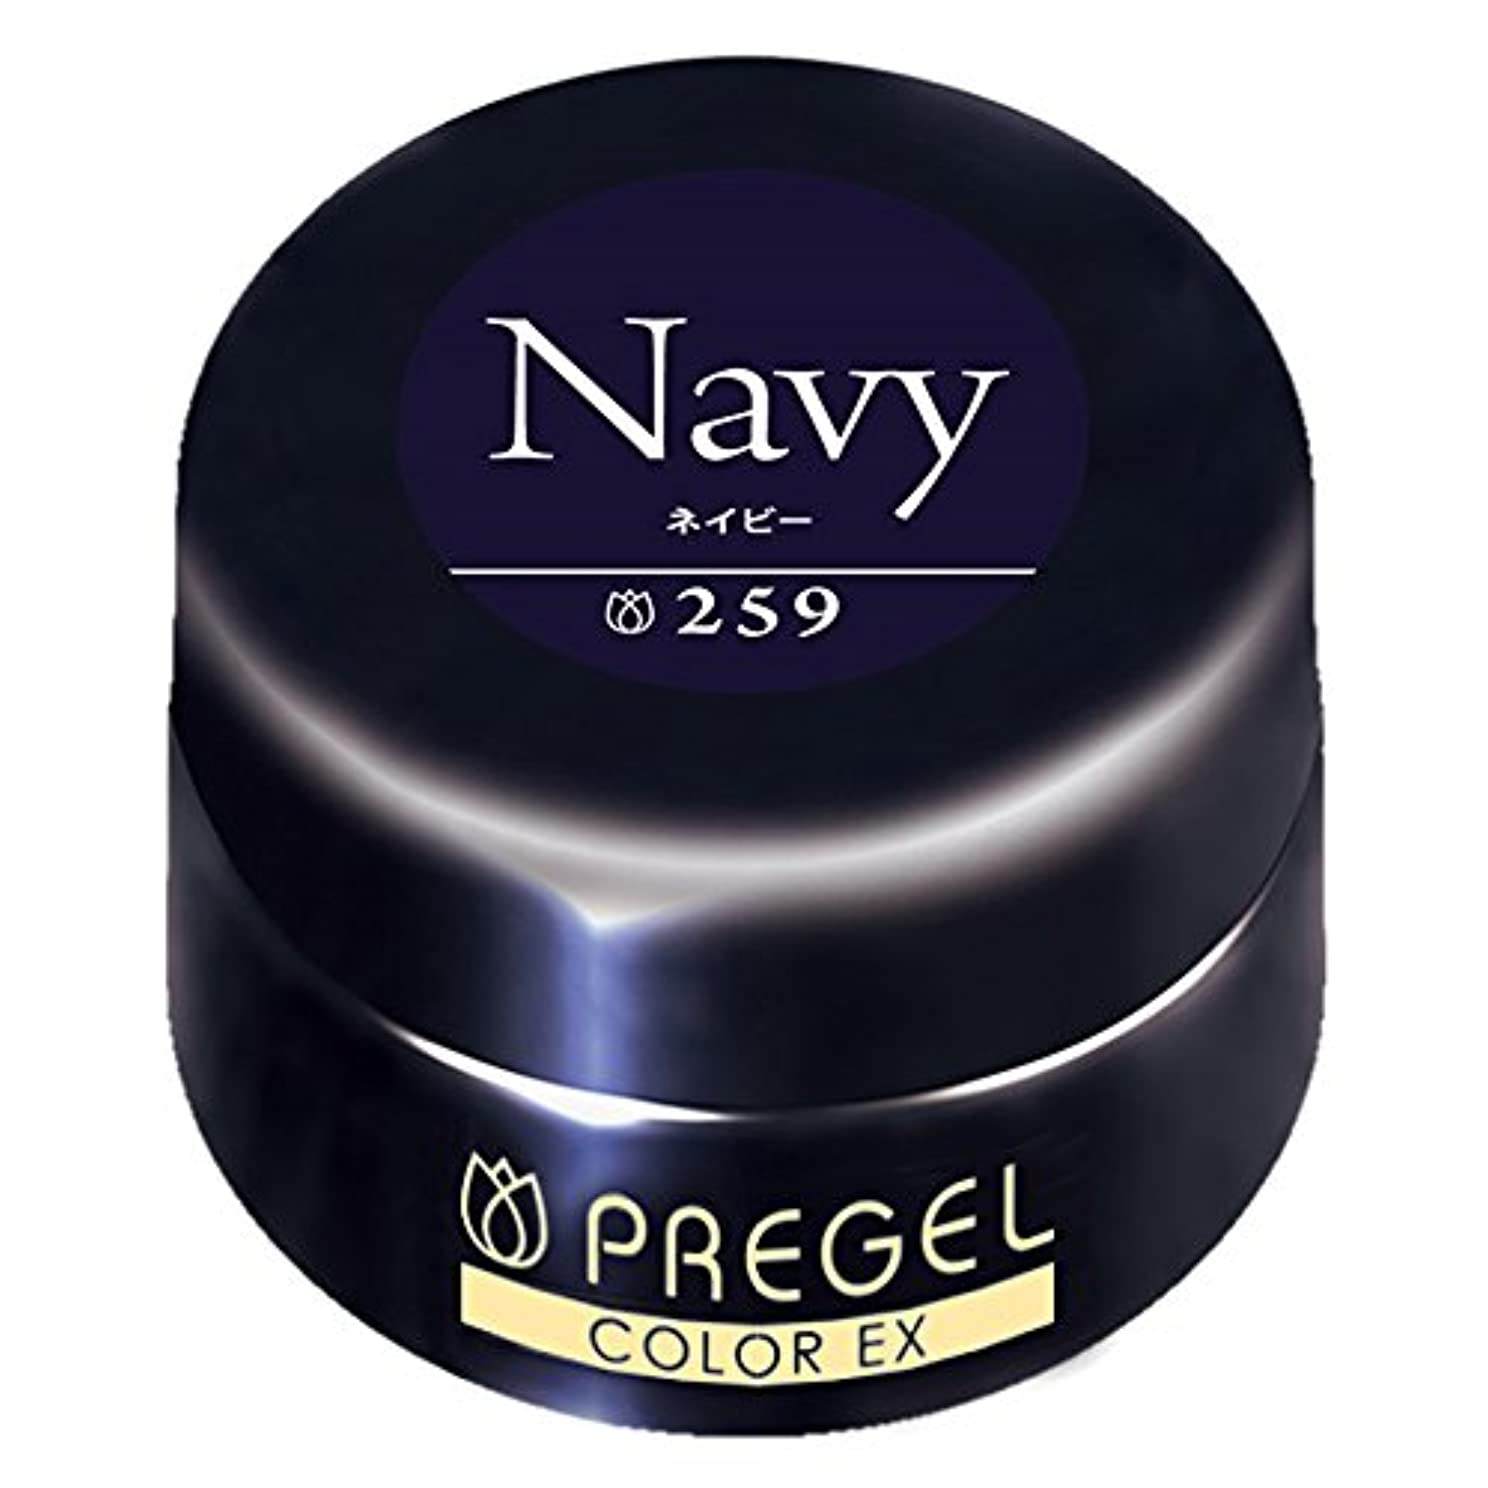 保持憧れ海洋のプリジェル ジェルネイル カラーEX ネイビー 259